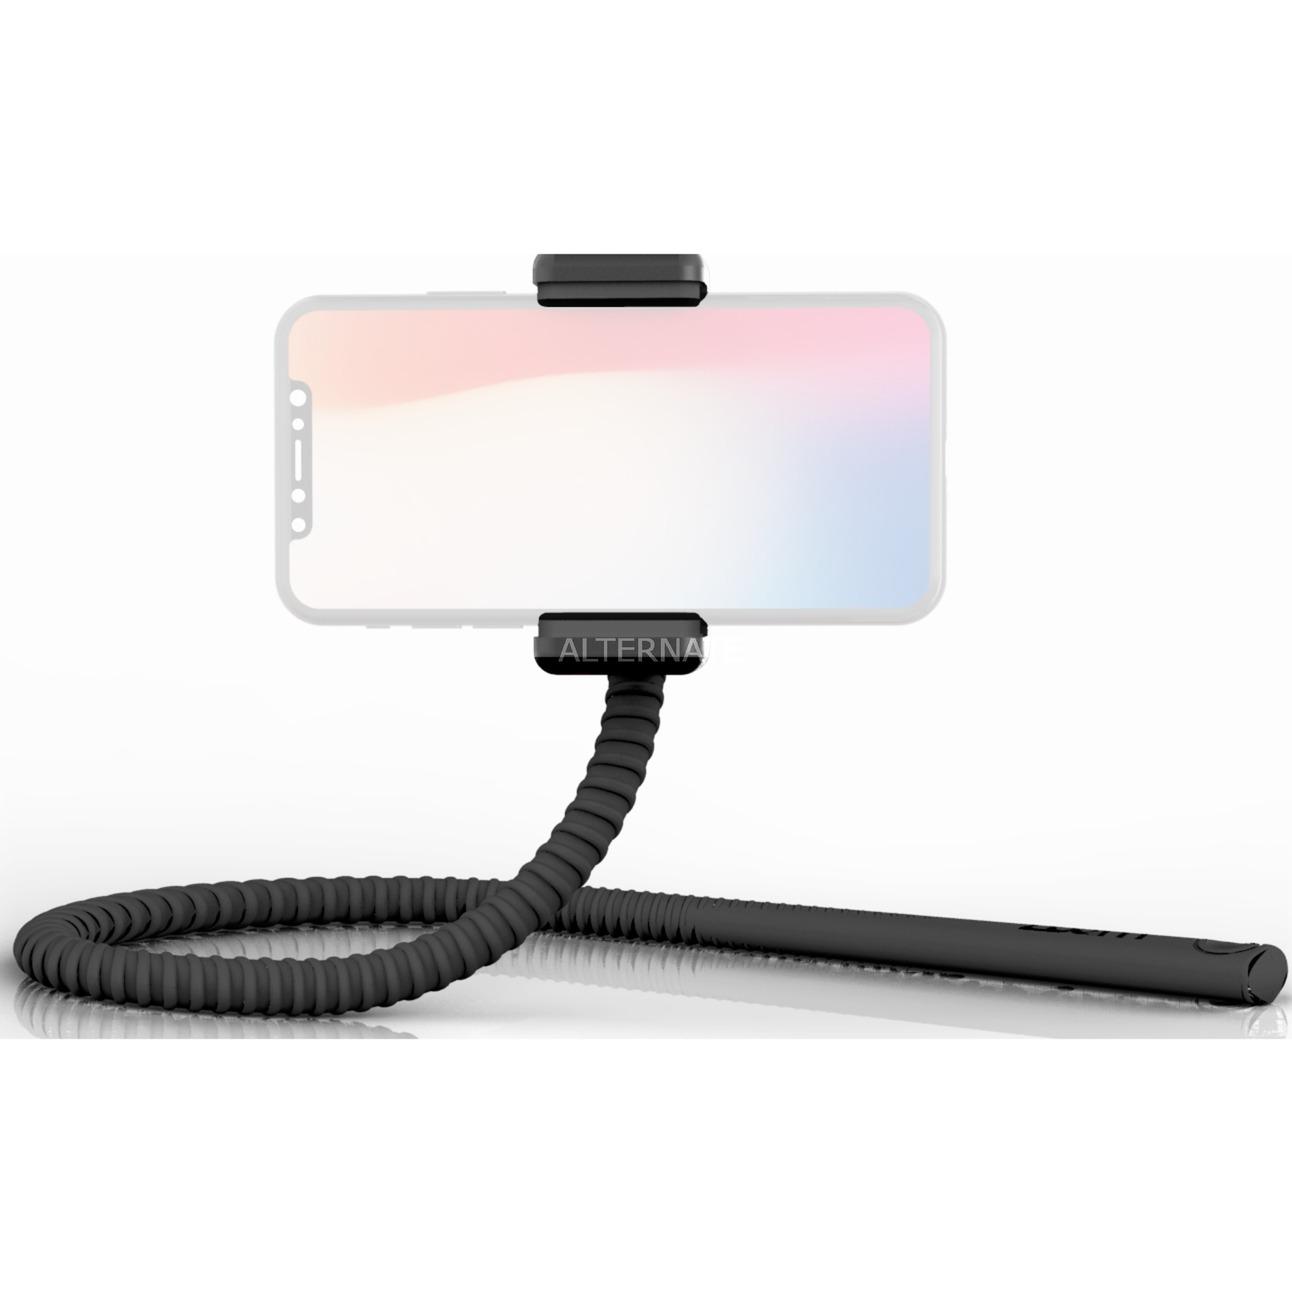 GEKKOSTICK palo para autofotos Smartphone Negro, Selfie Stick